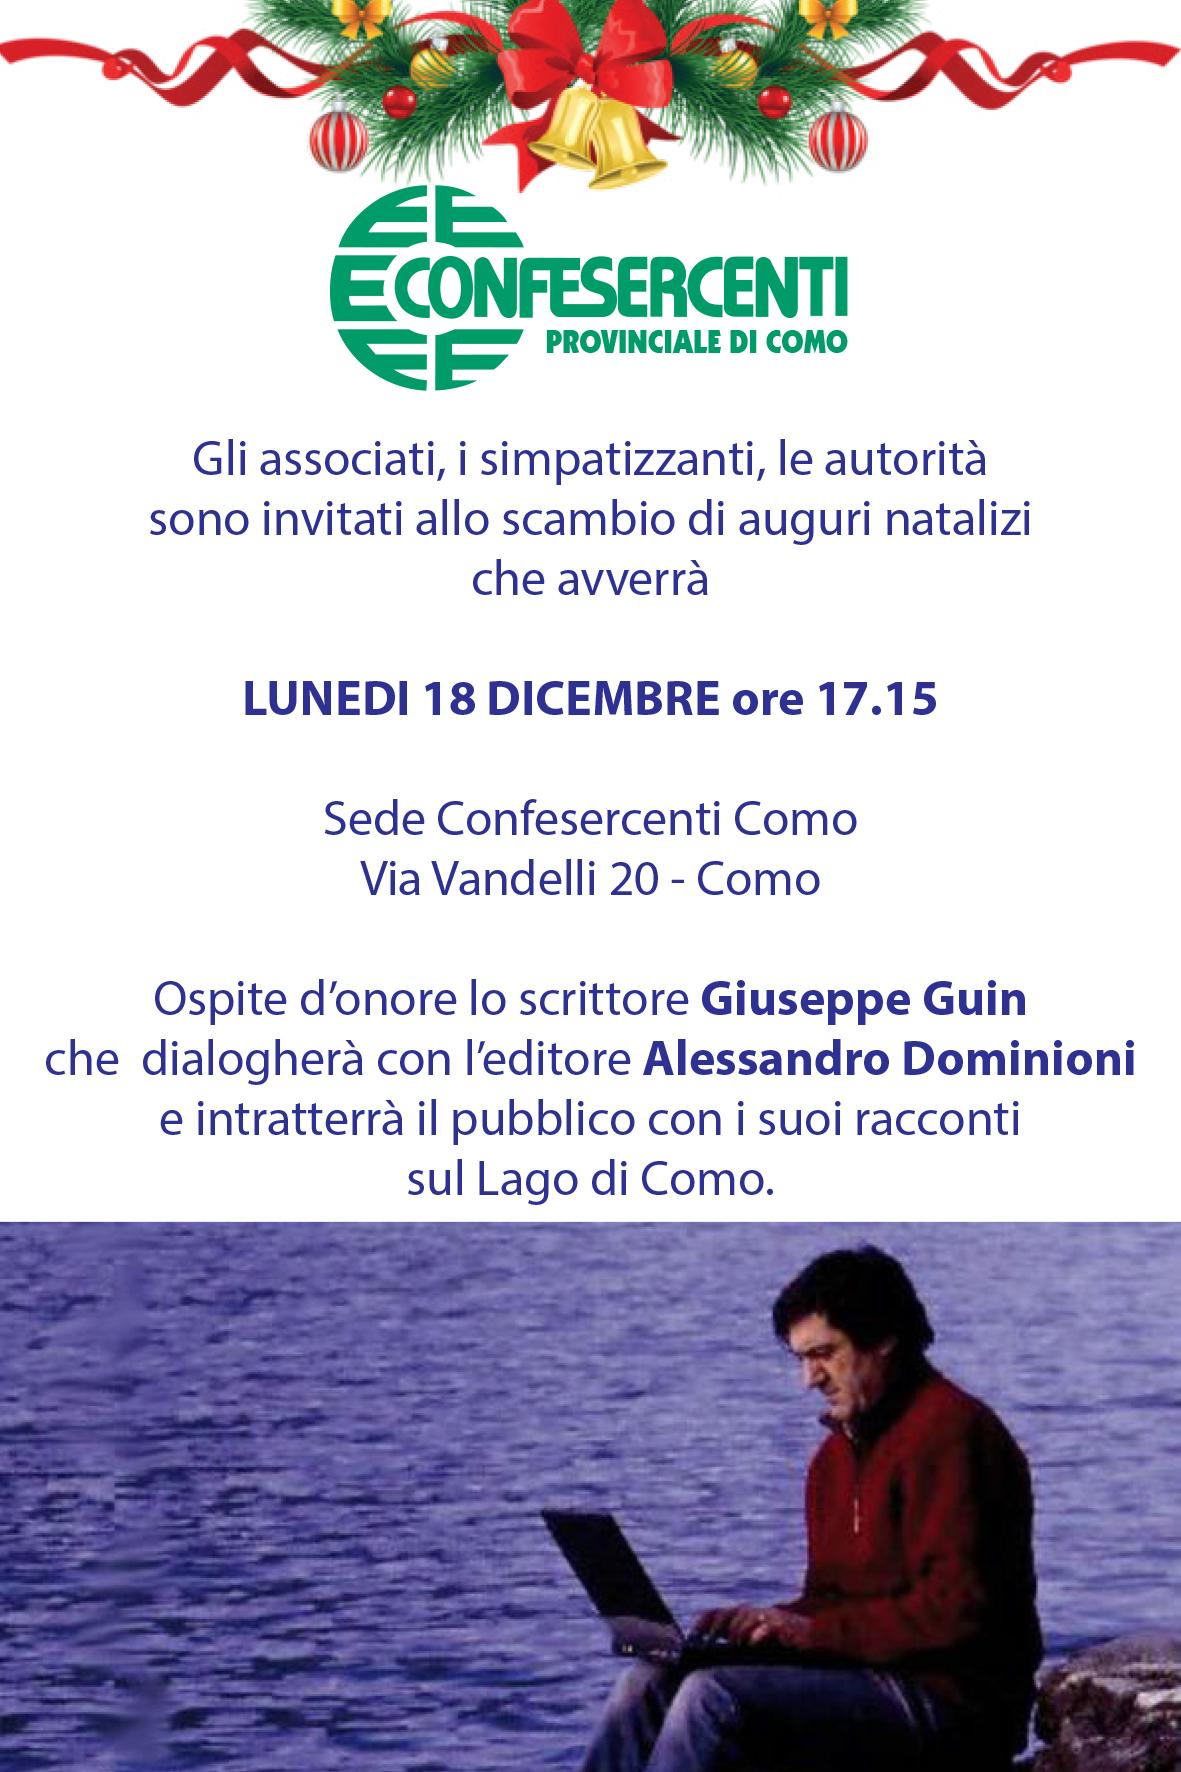 Invito Confesercenti Guin 18 dicembre